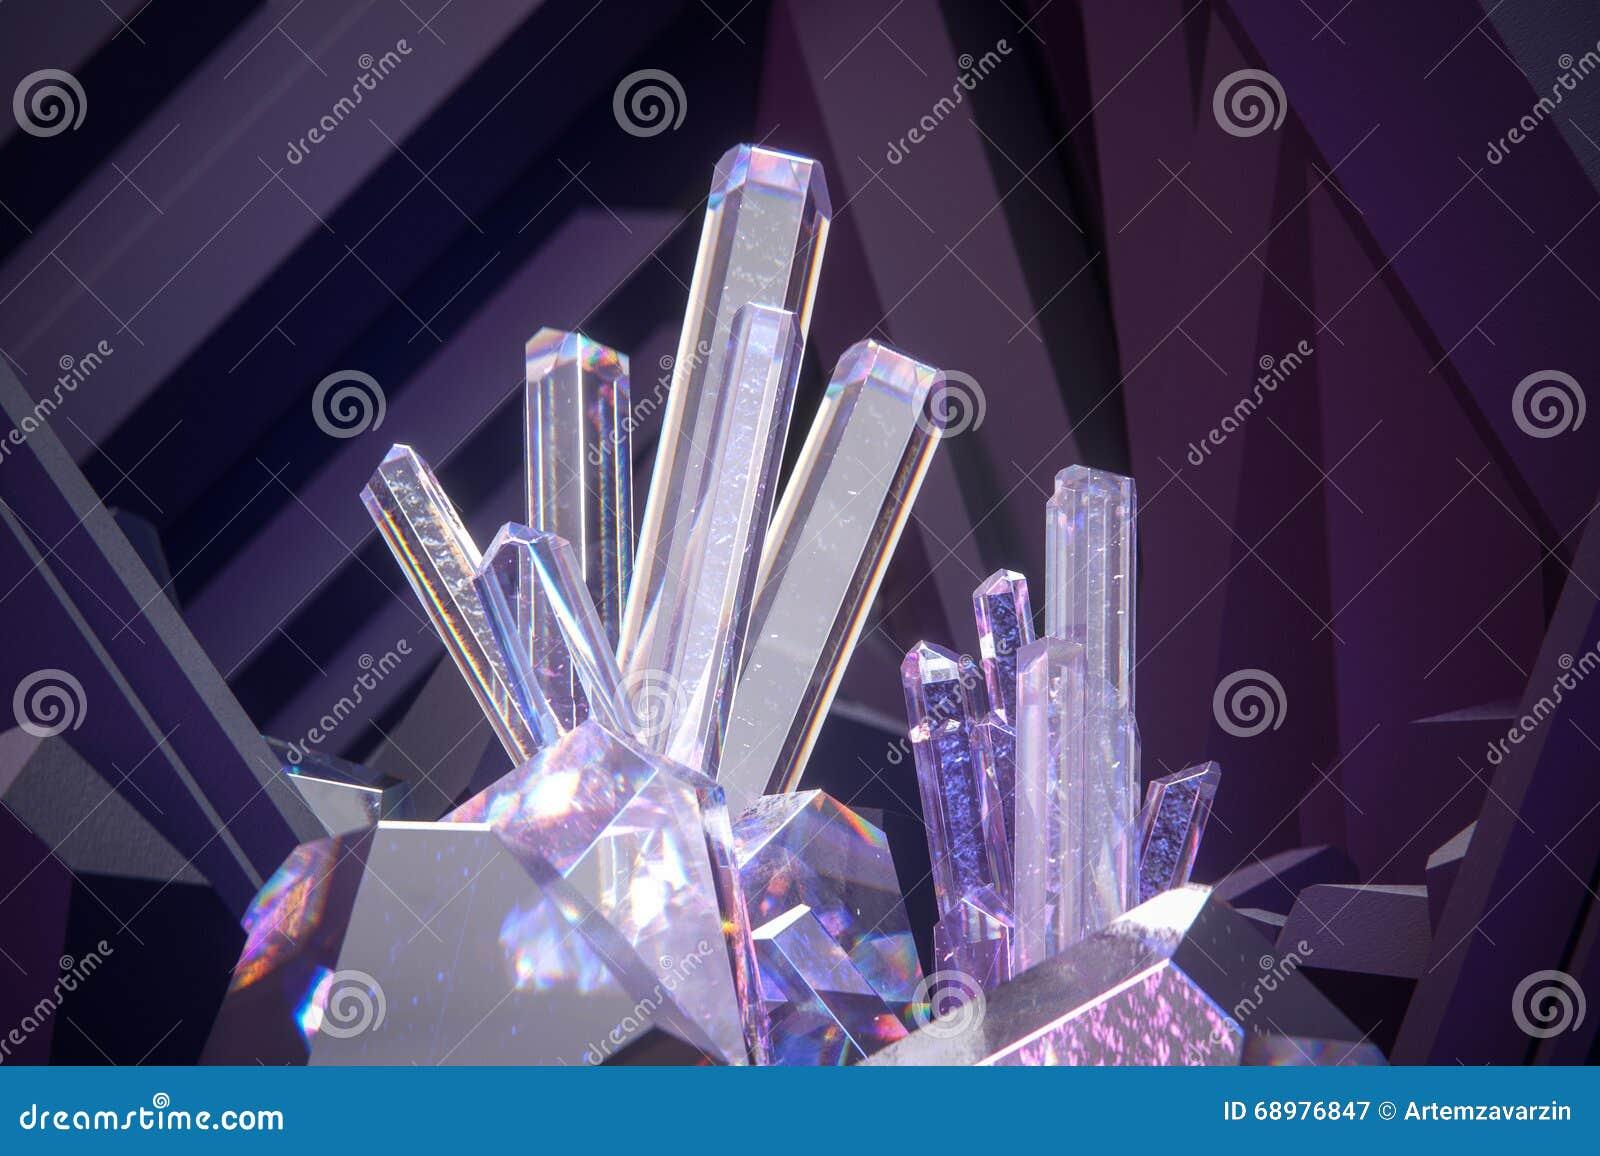 Rinda de los cristales 3d con el fondo violeta oscuro